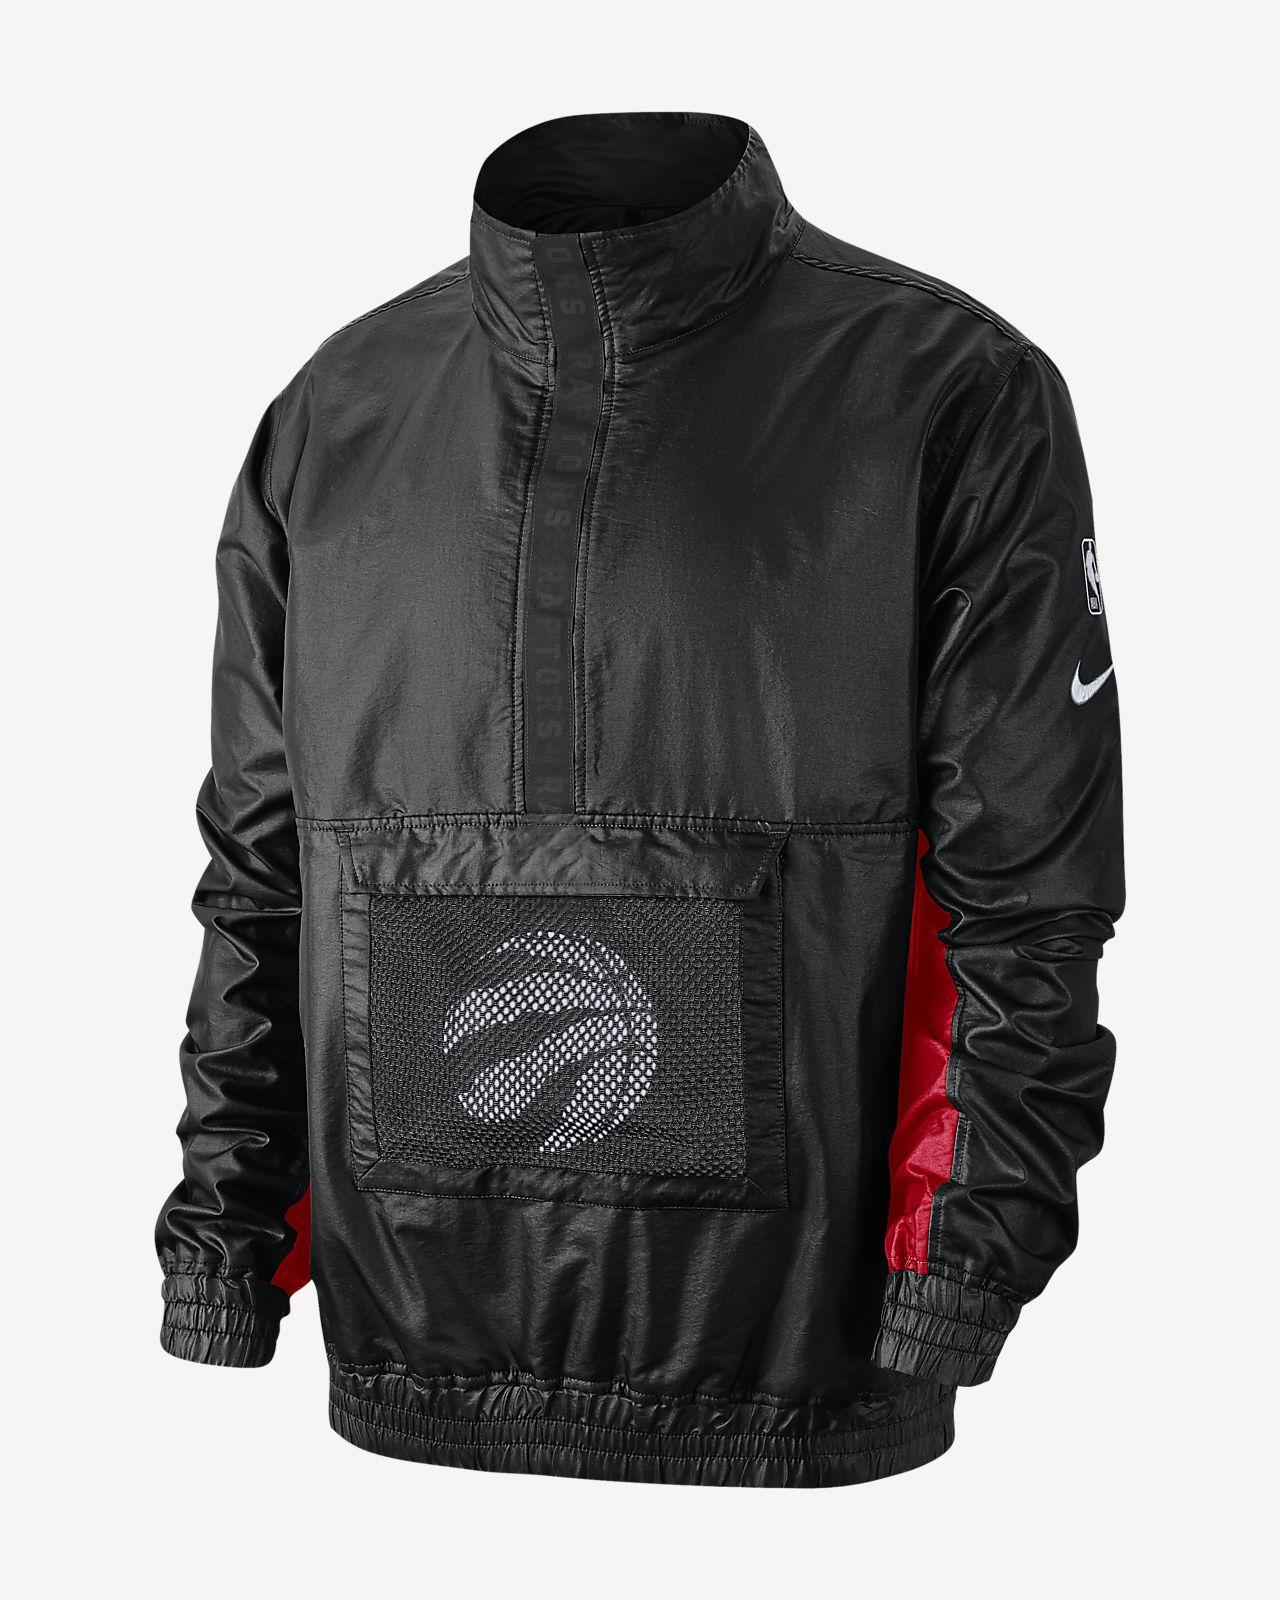 Chamarra de la NBA ligera para hombre Toronto Raptors Nike